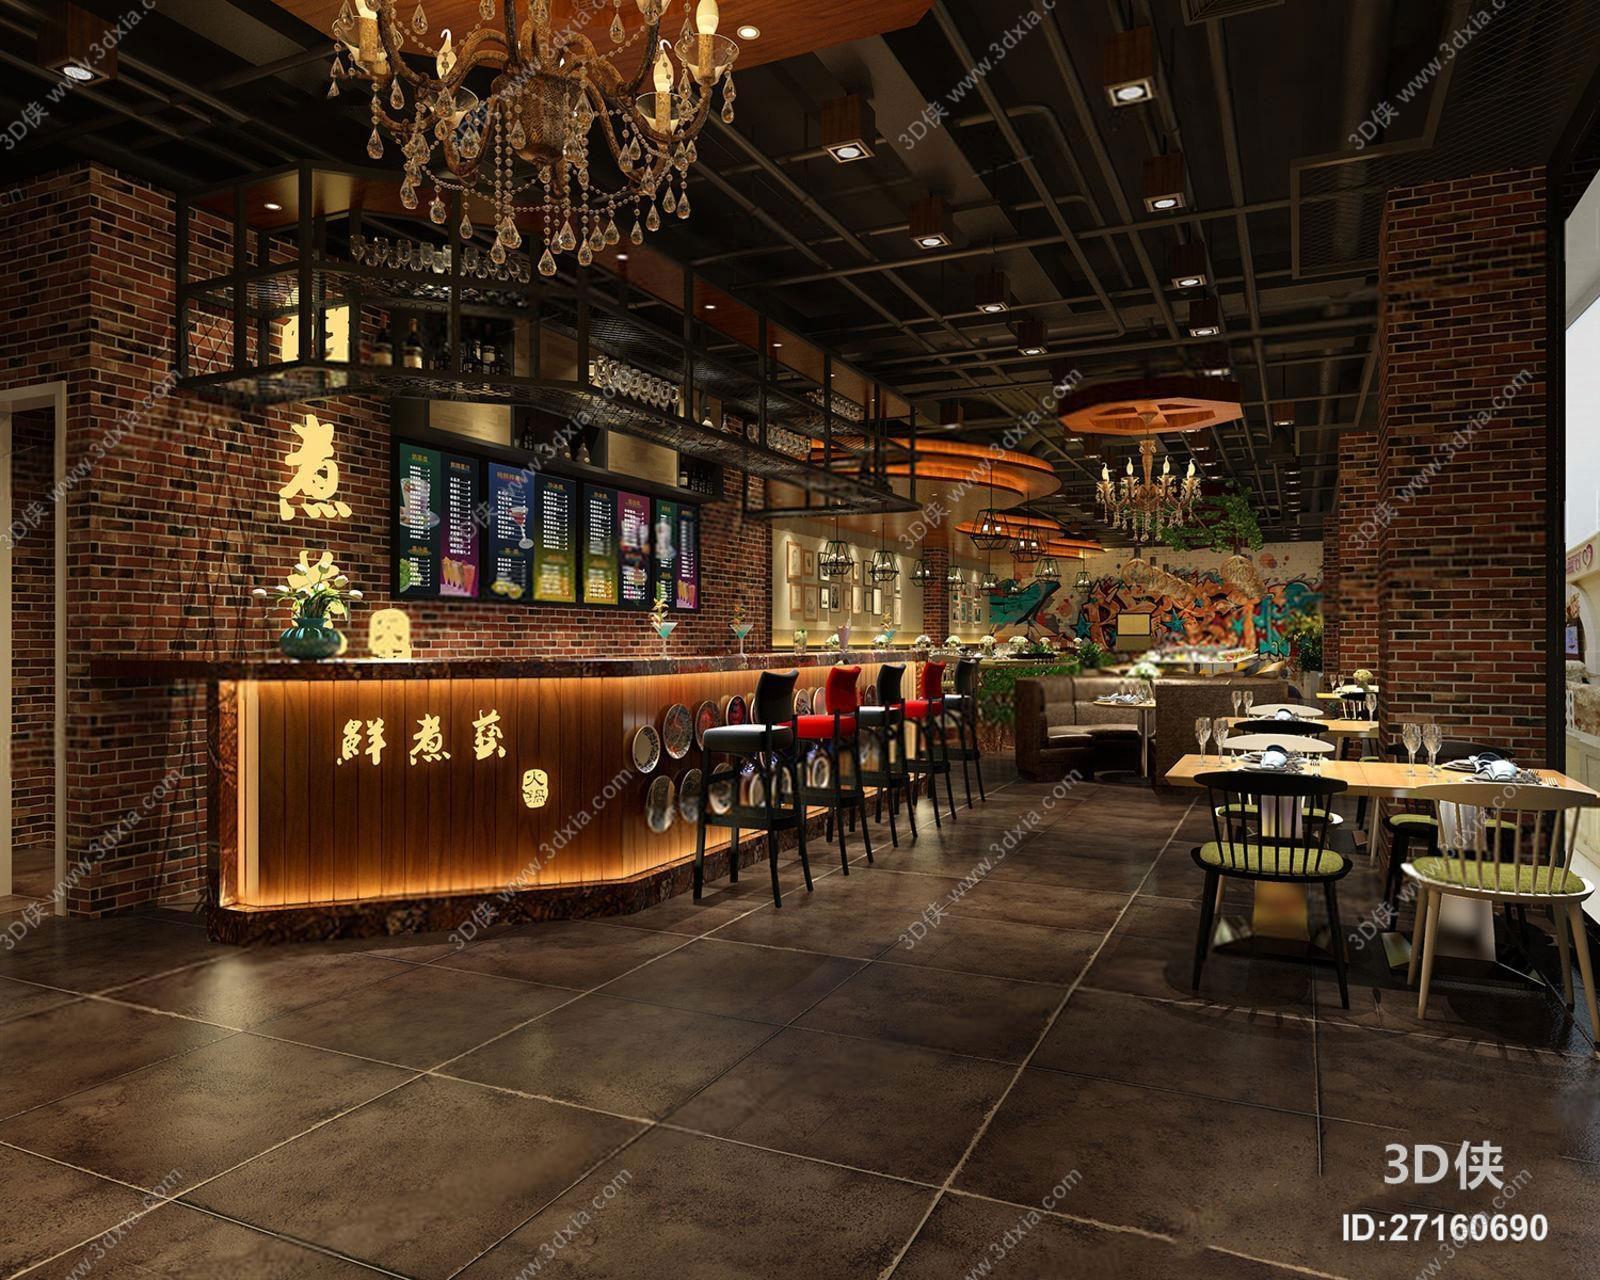 西餐厅效果图素材免费下载,本作品主题是工业风餐厅,编号是27160690